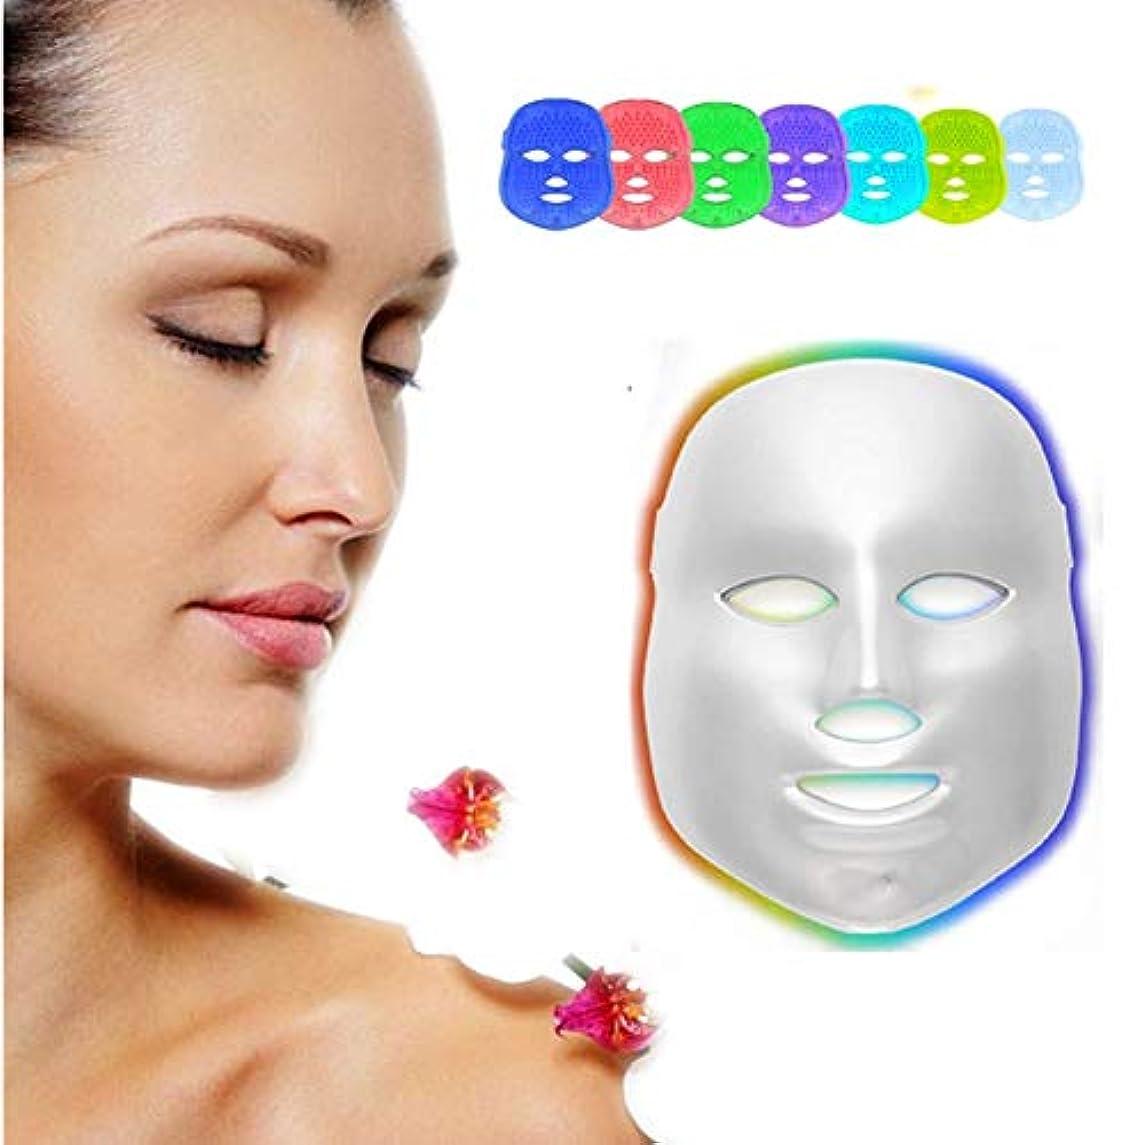 交通おもてなし輝くLEDPhōton療法7色光治療マスク美容機器肌の若返りタイトにきびスポット分解メラニンしわホワイトニングフェイシャル